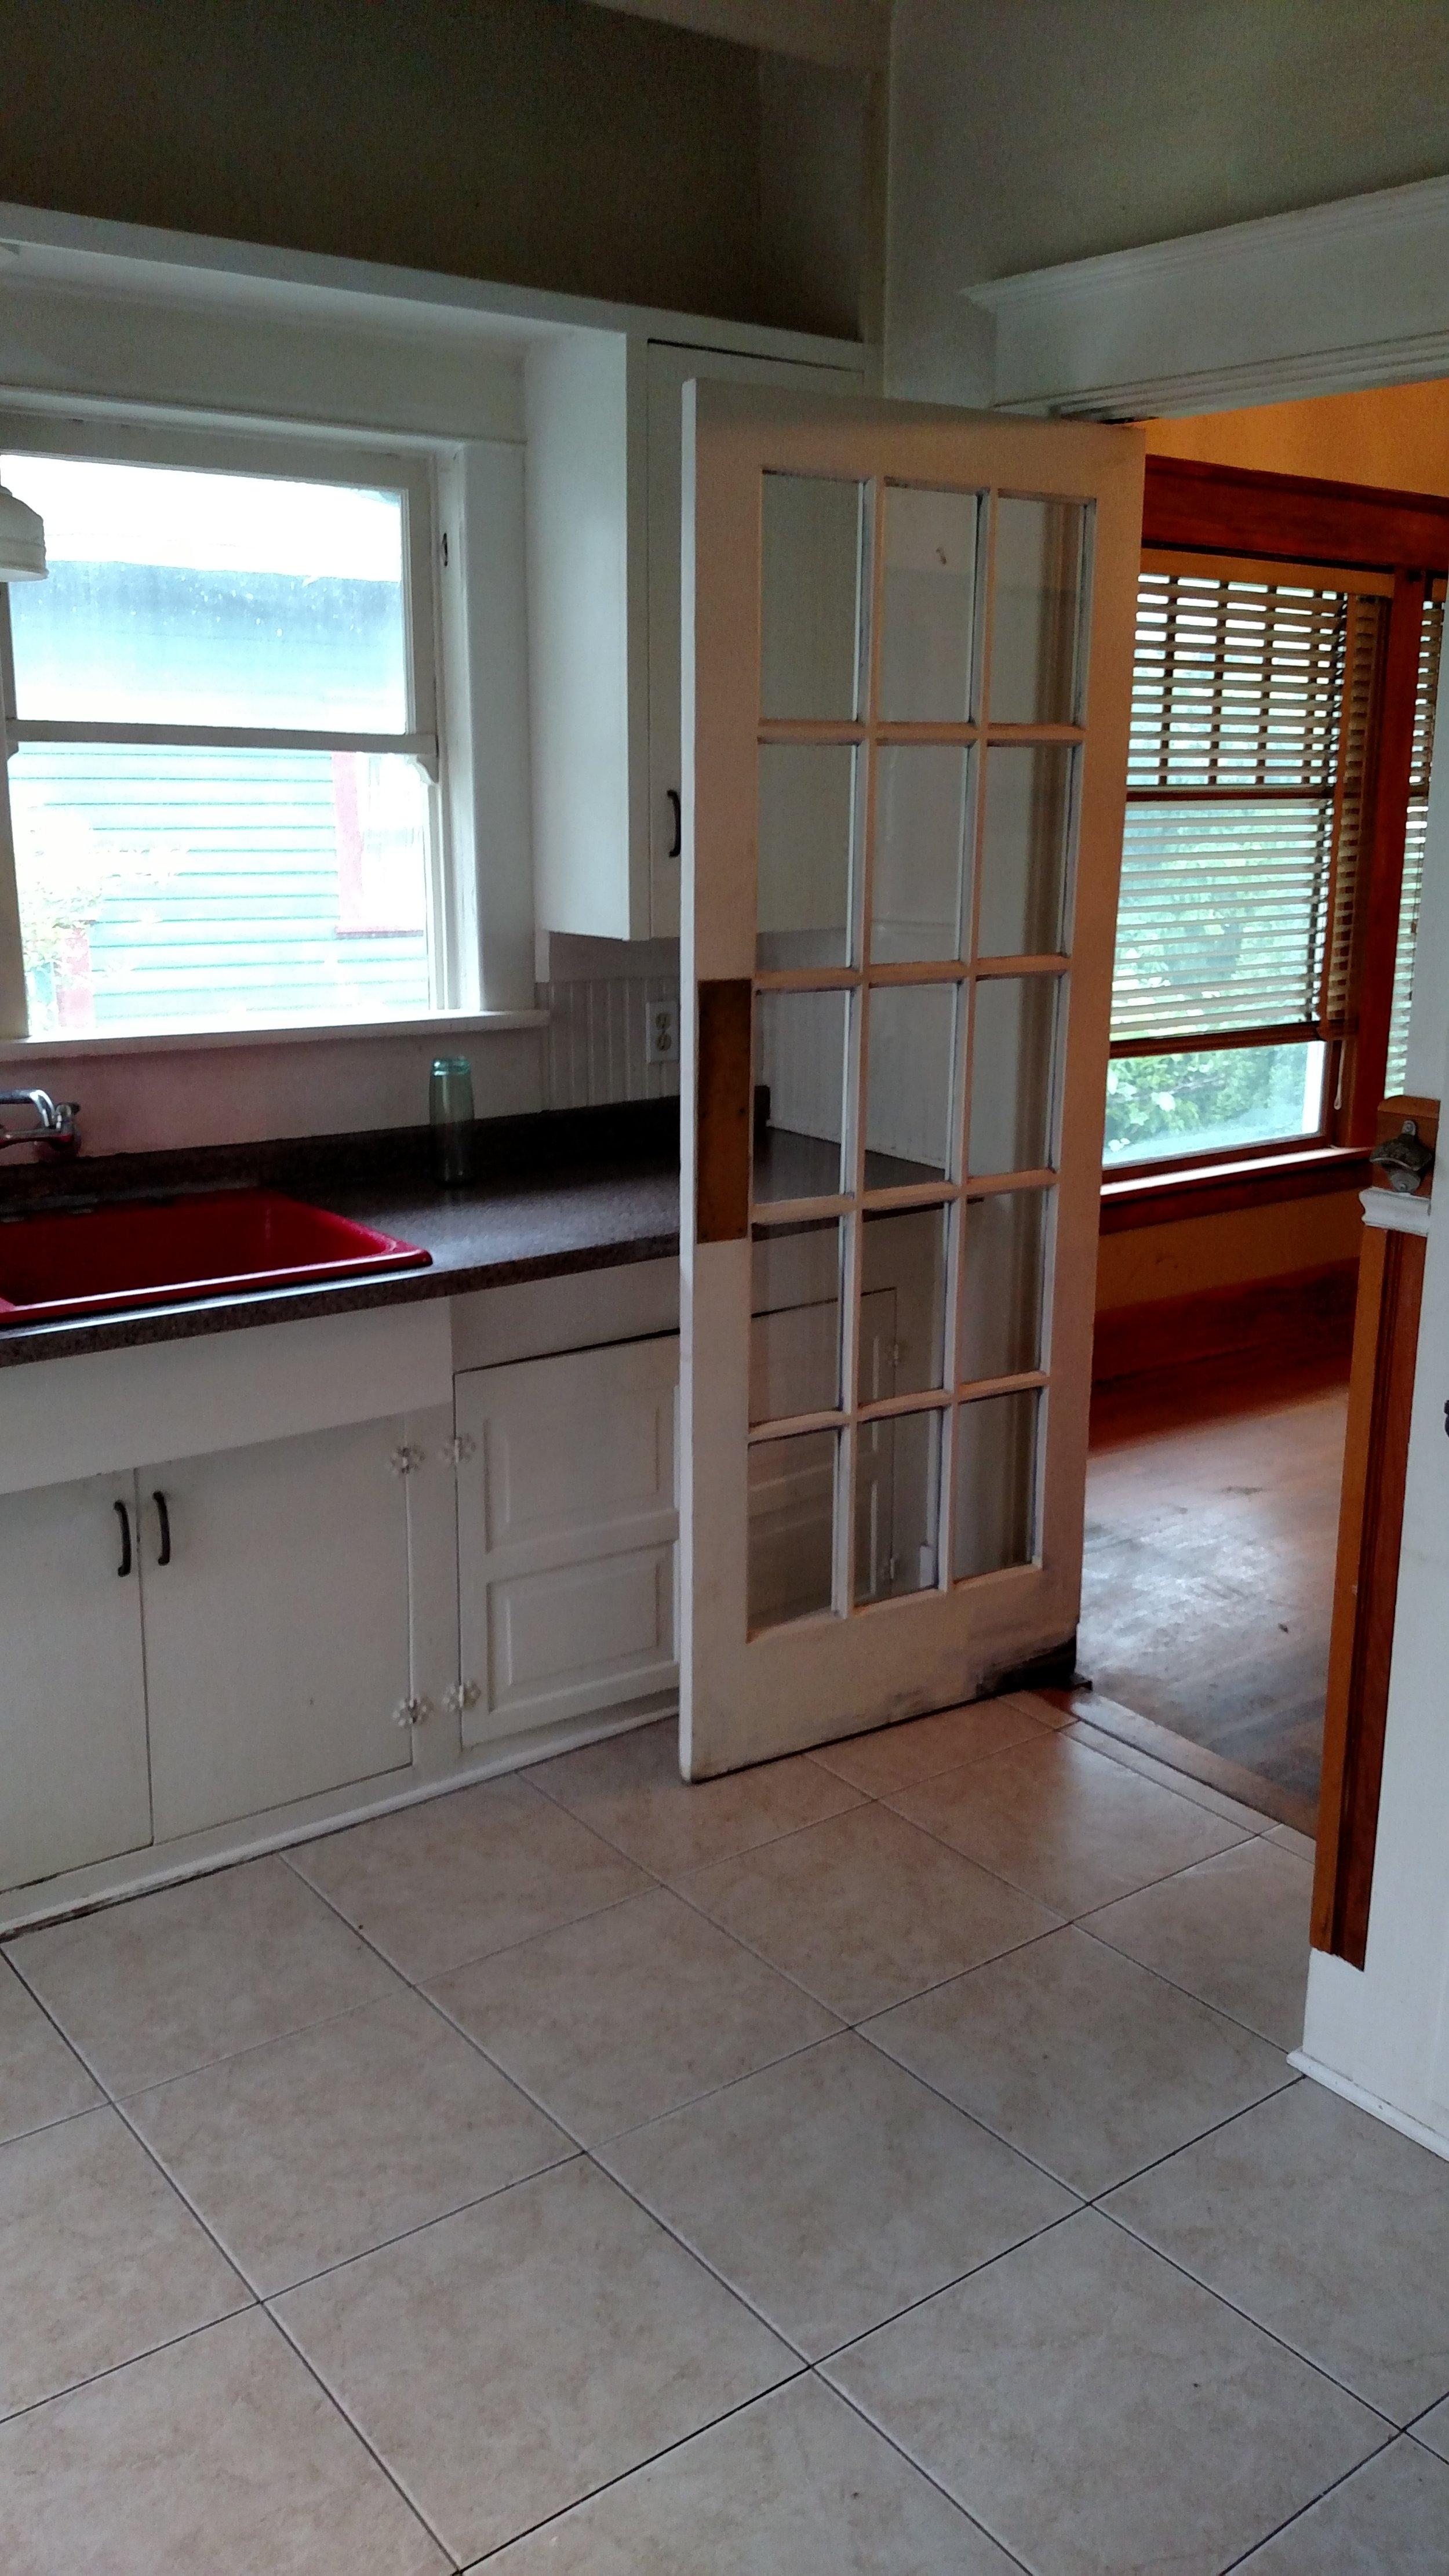 ugly kitchen renovation project